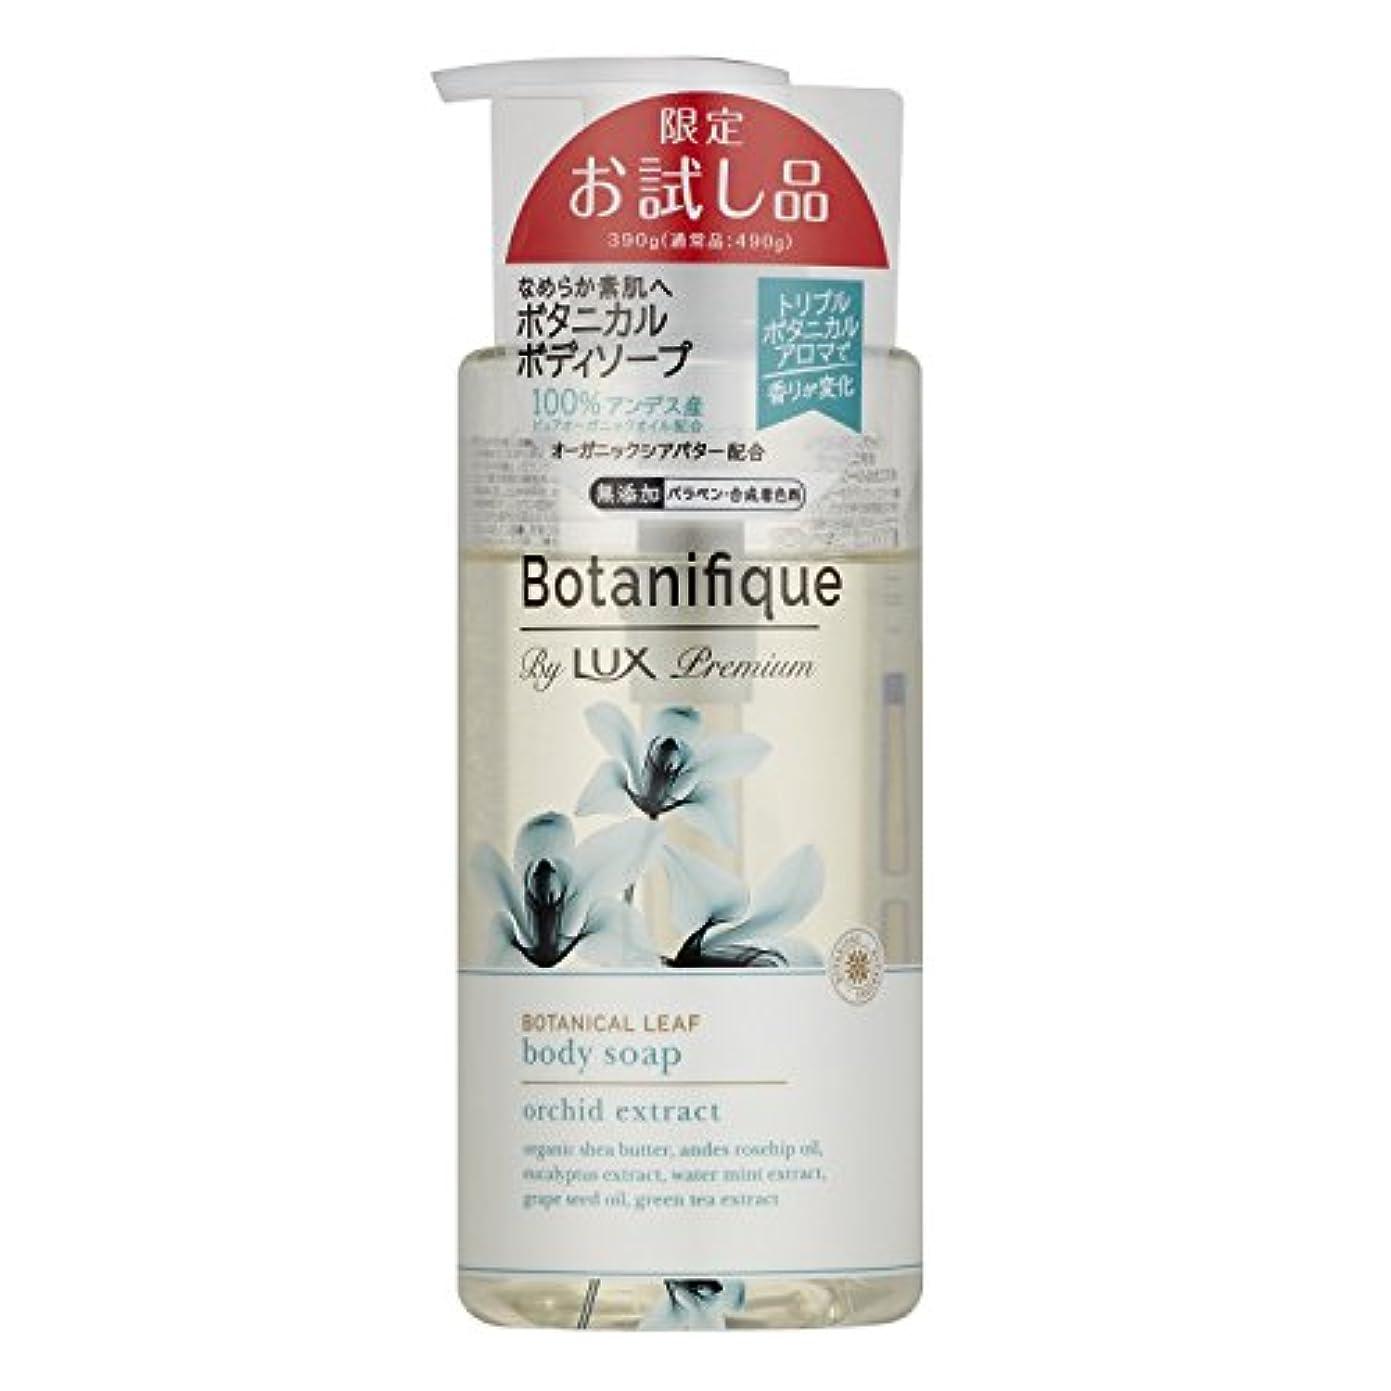 高いインストール意志に反するラックス プレミアム ボタニフィーク ボタニカルリーフ ボディソープ ポンプ(ボタニカルリーフの香り) お試し品 390g